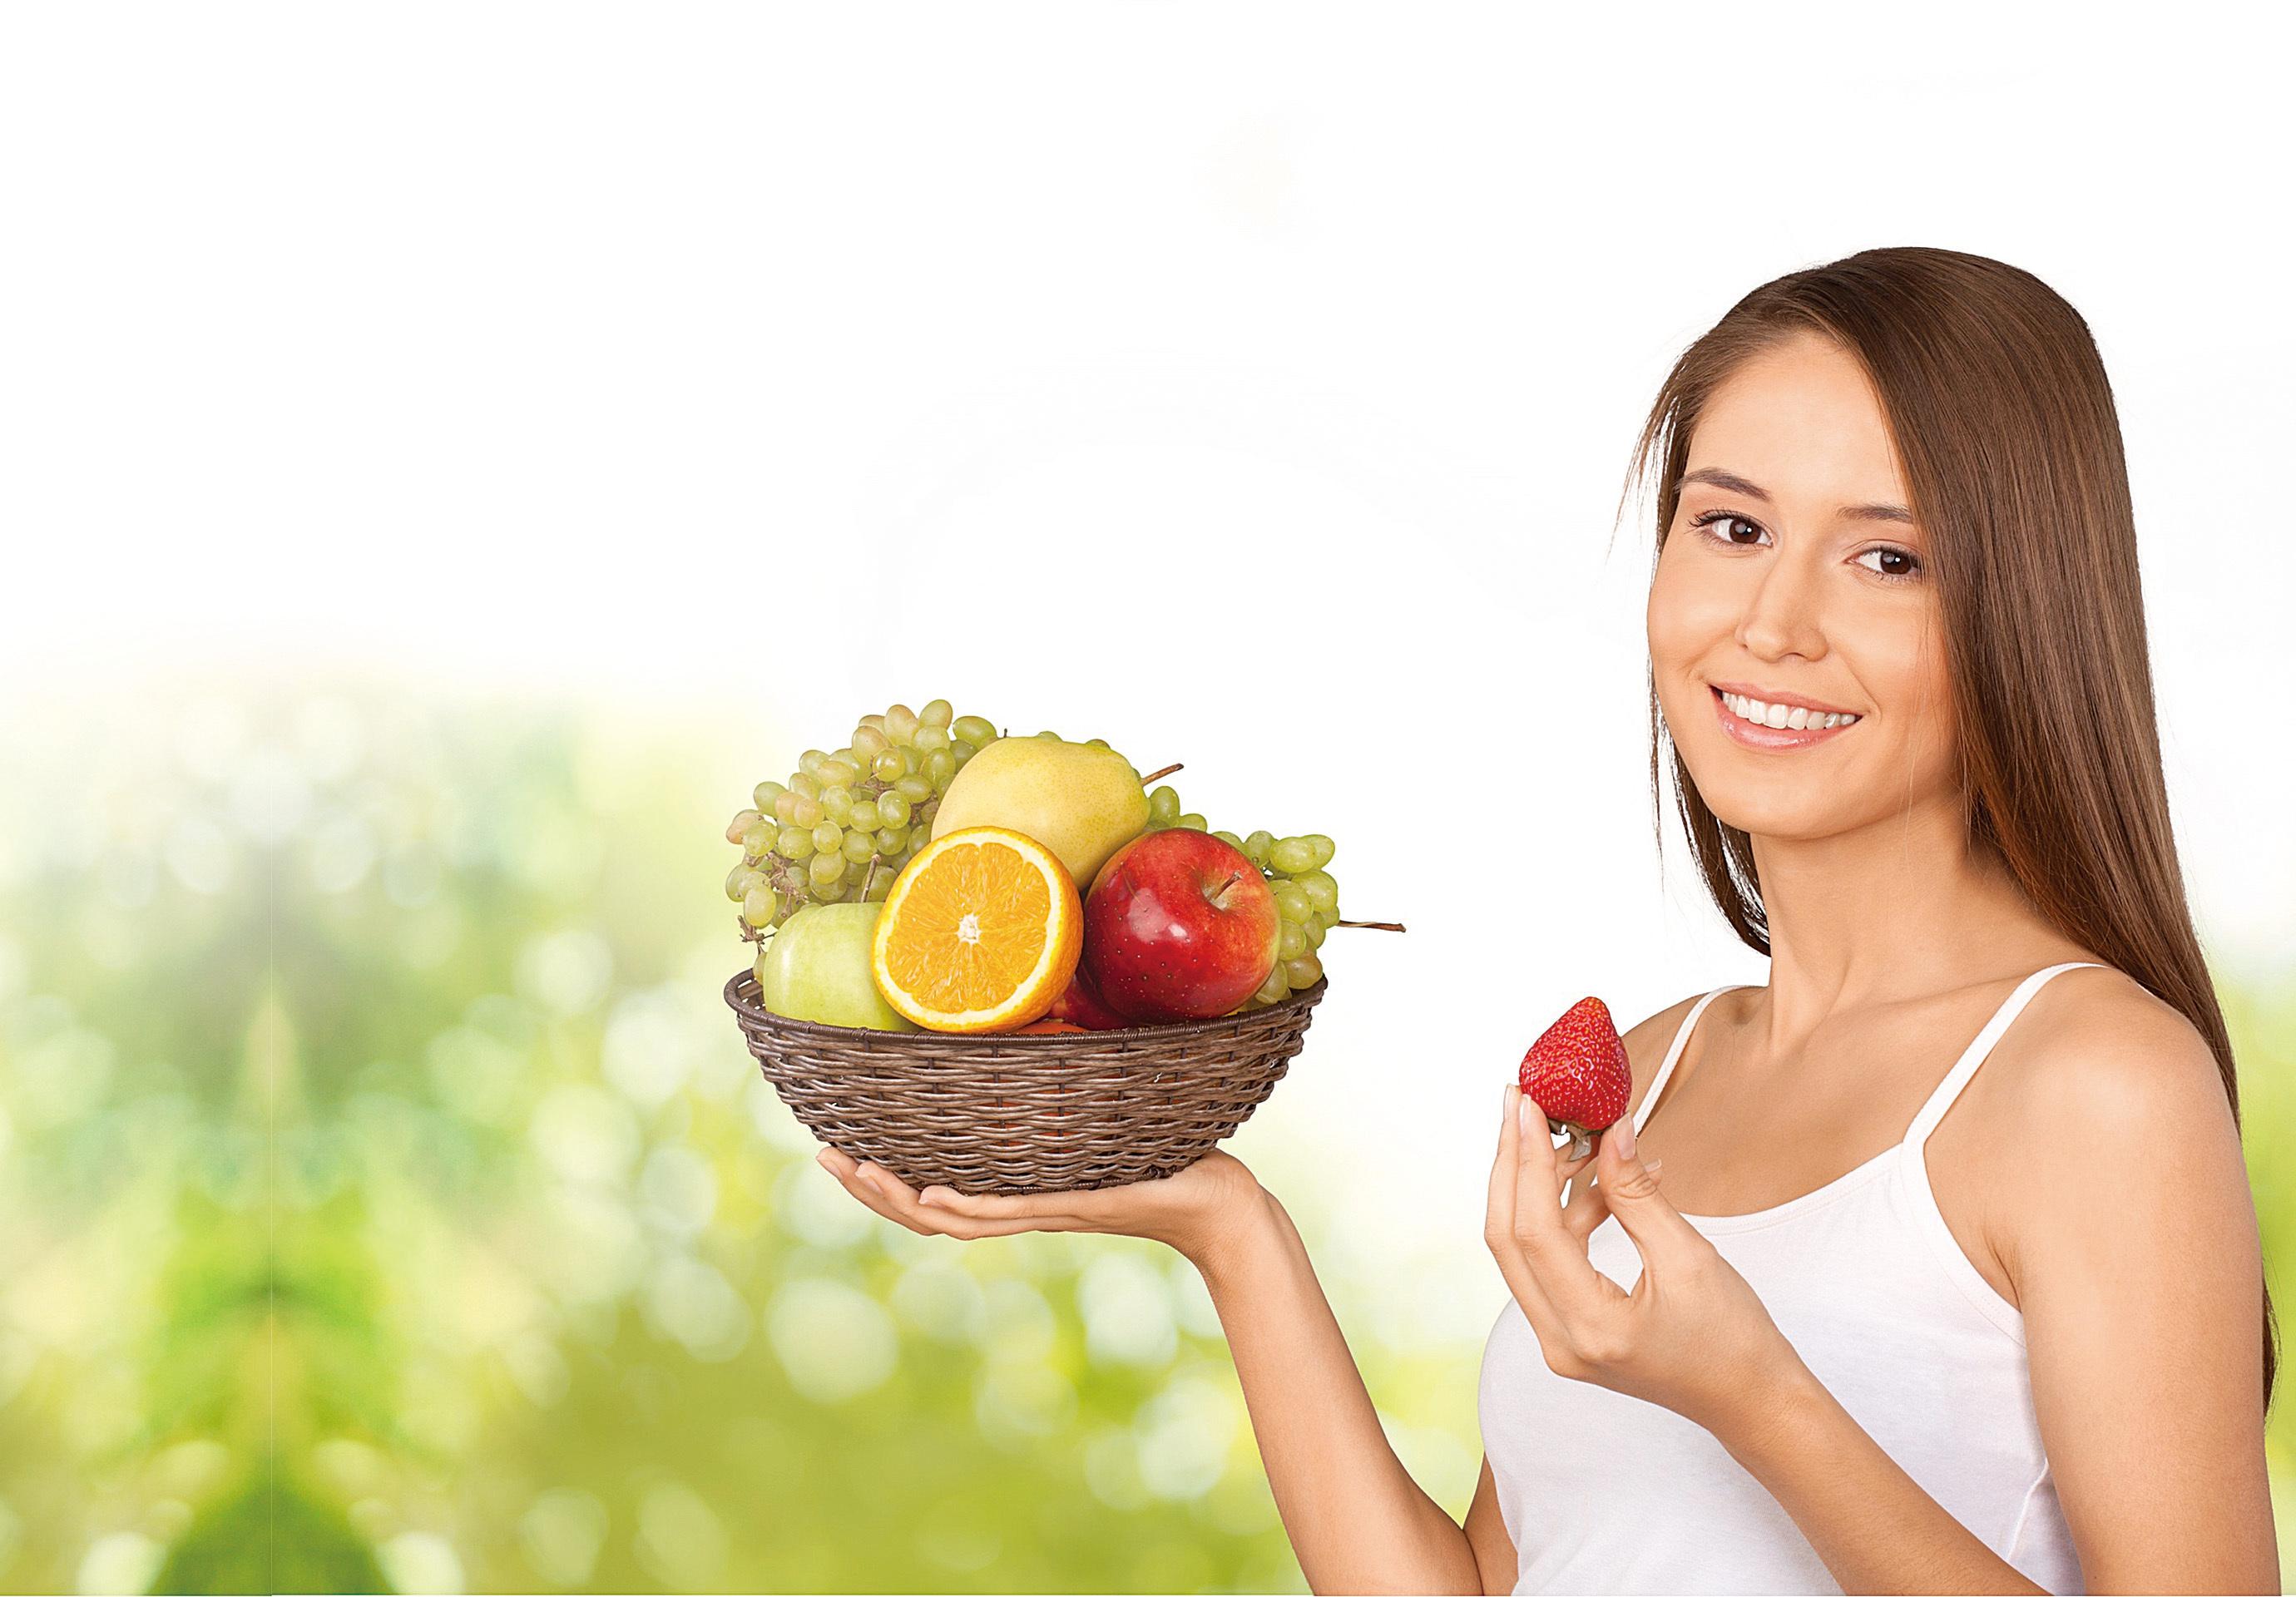 九種食物這樣吃 養生抗病更有效